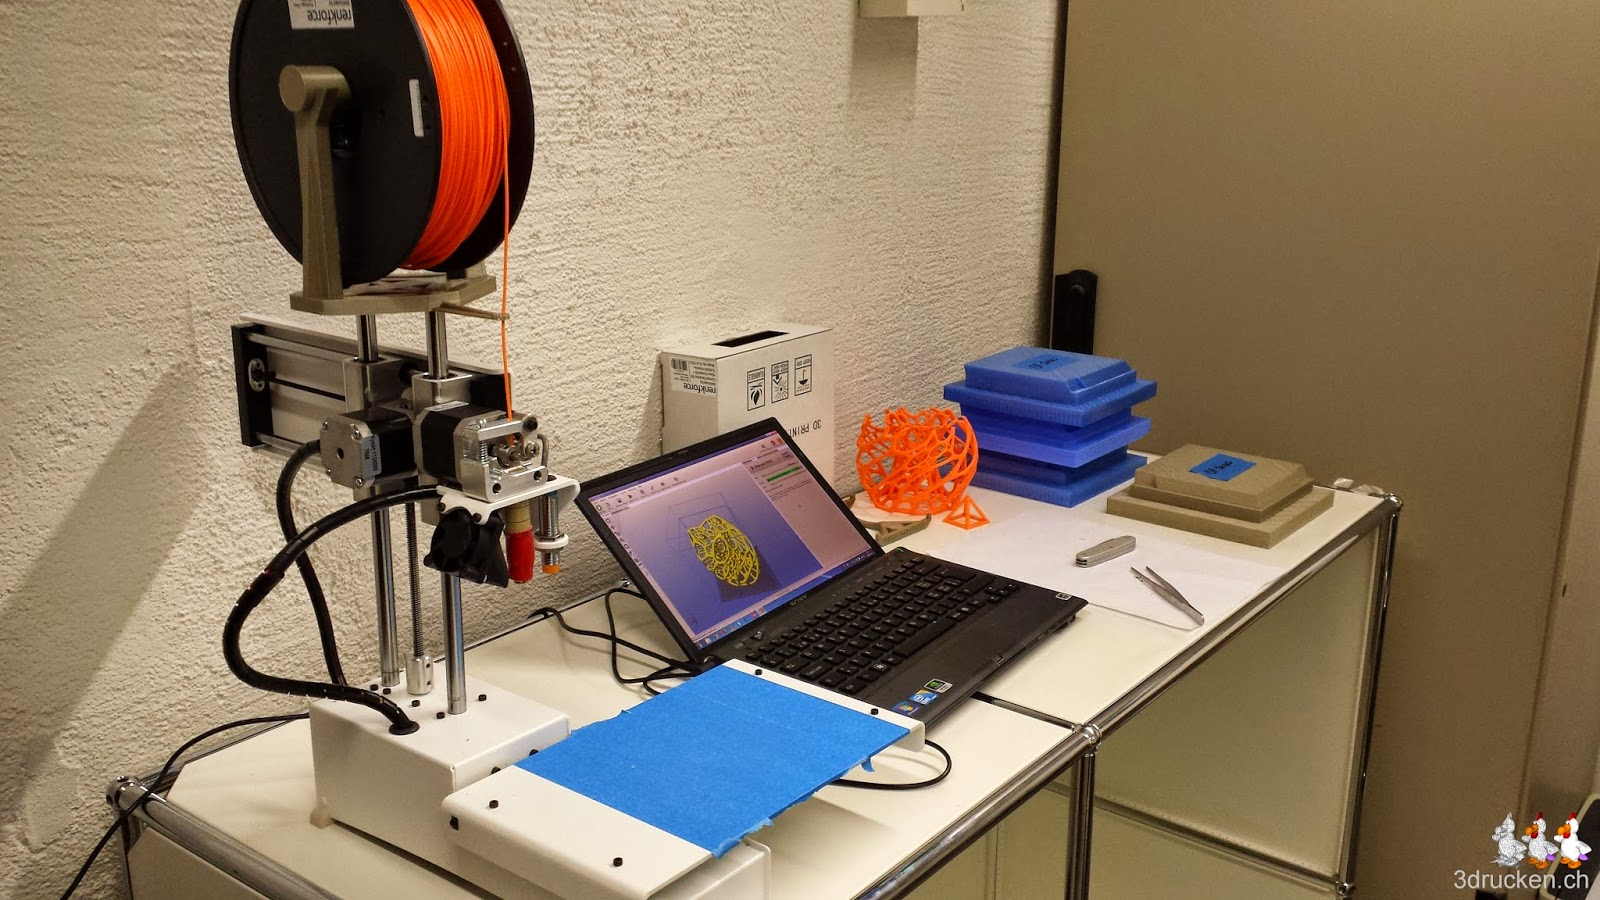 Foto des Testplatzes mit dem Printrbot Simple Metal mit zweiter stabilerer Rollenhalterung